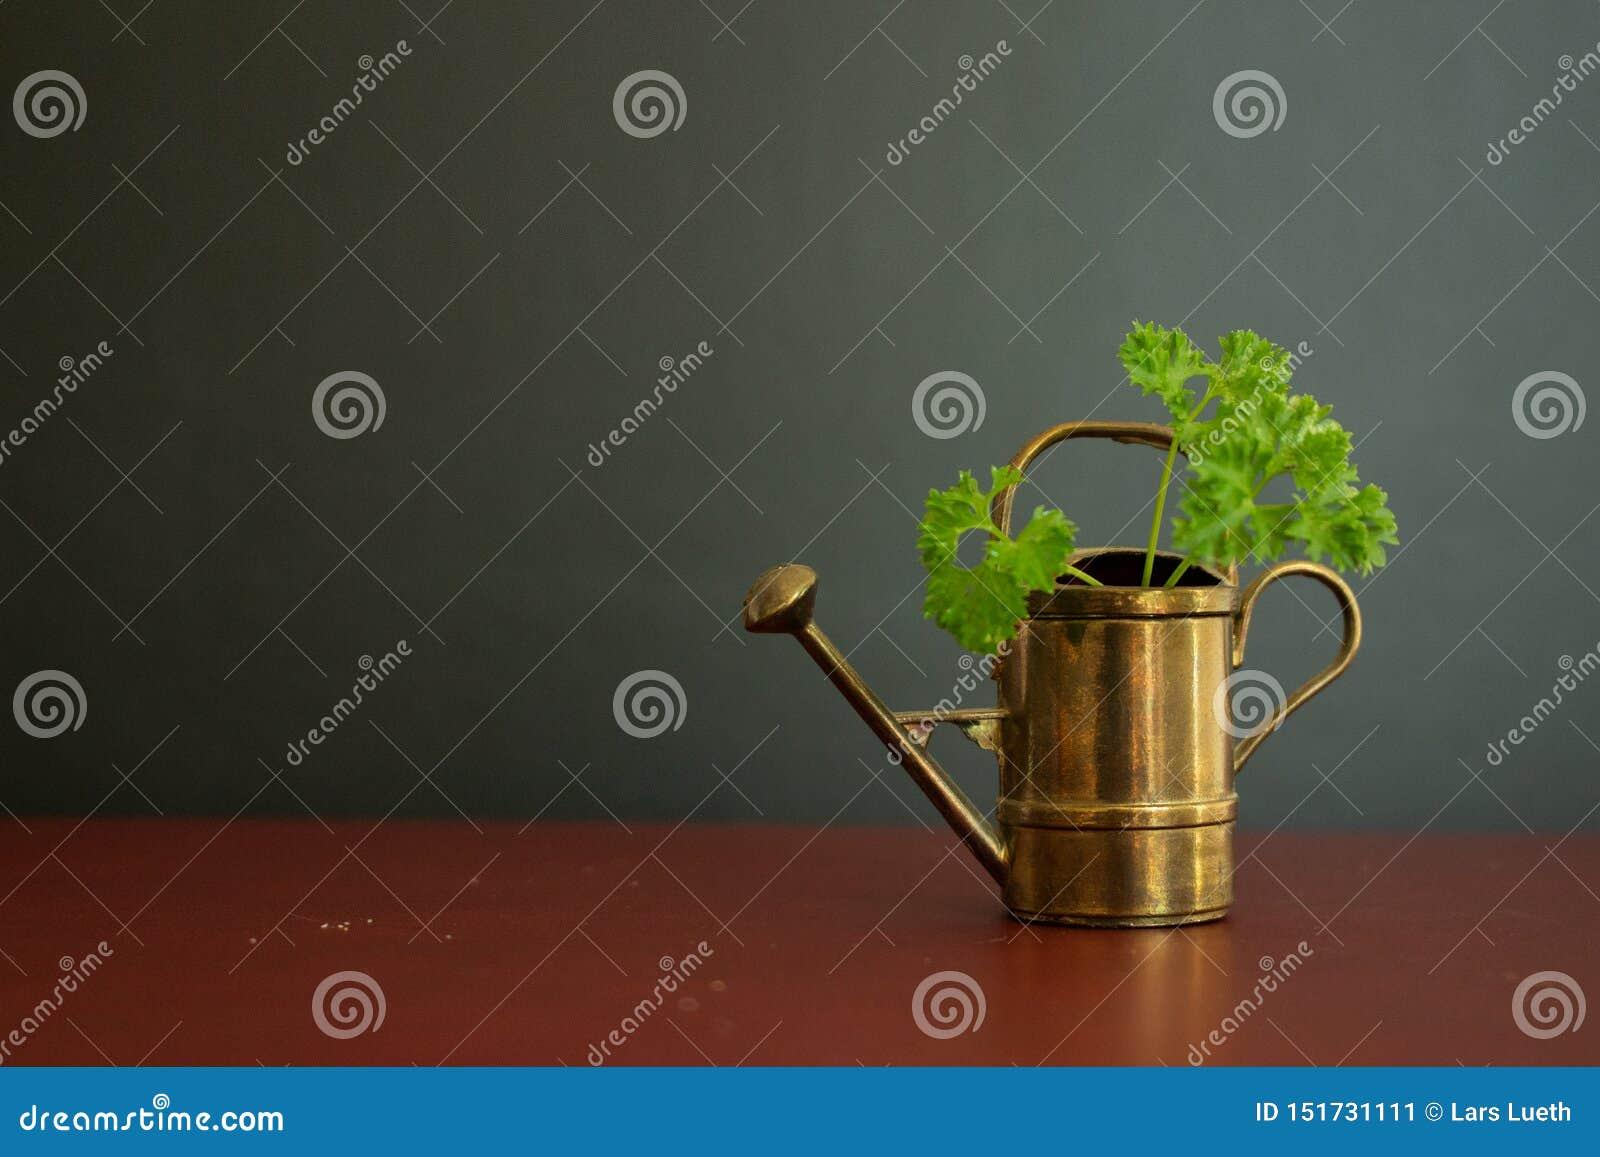 Altes und schönes Gießkannegartenwerkzeug mit grüner organischer Petersilie in ihr